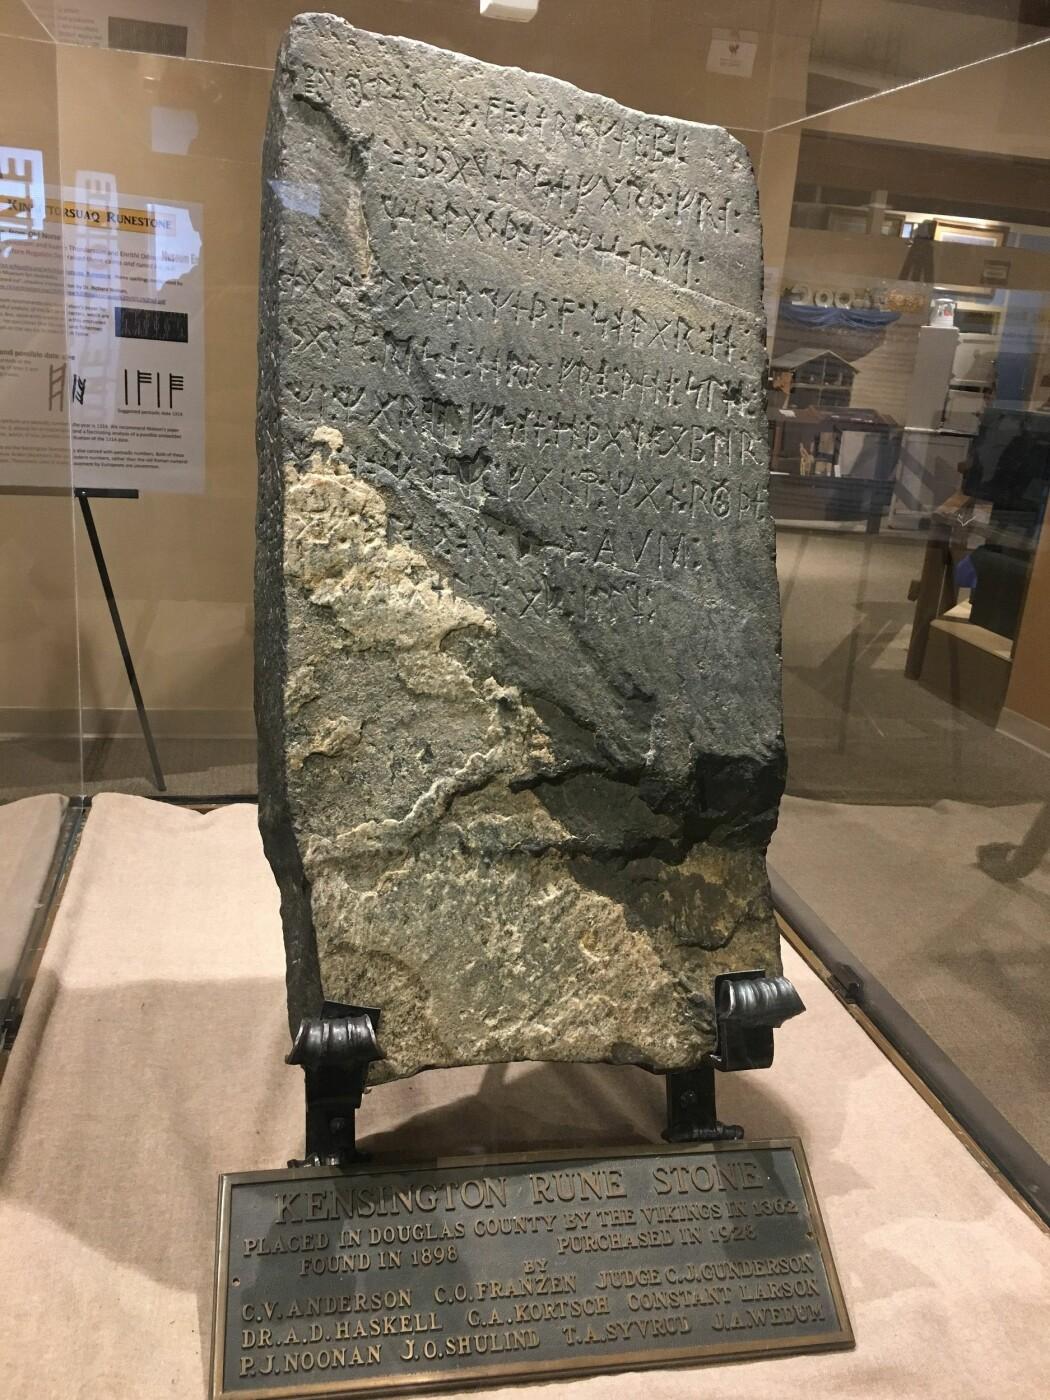 Kensington-steinen er utstilt på museum i Alexandria, Minnesota, USA. Den veier 92 kilo og har runer foran og på sidene. (Foto: Mauricio Valle, Wikimedia, Attribution-ShareAlike 4.0 International (CC BY-SA 4.0))